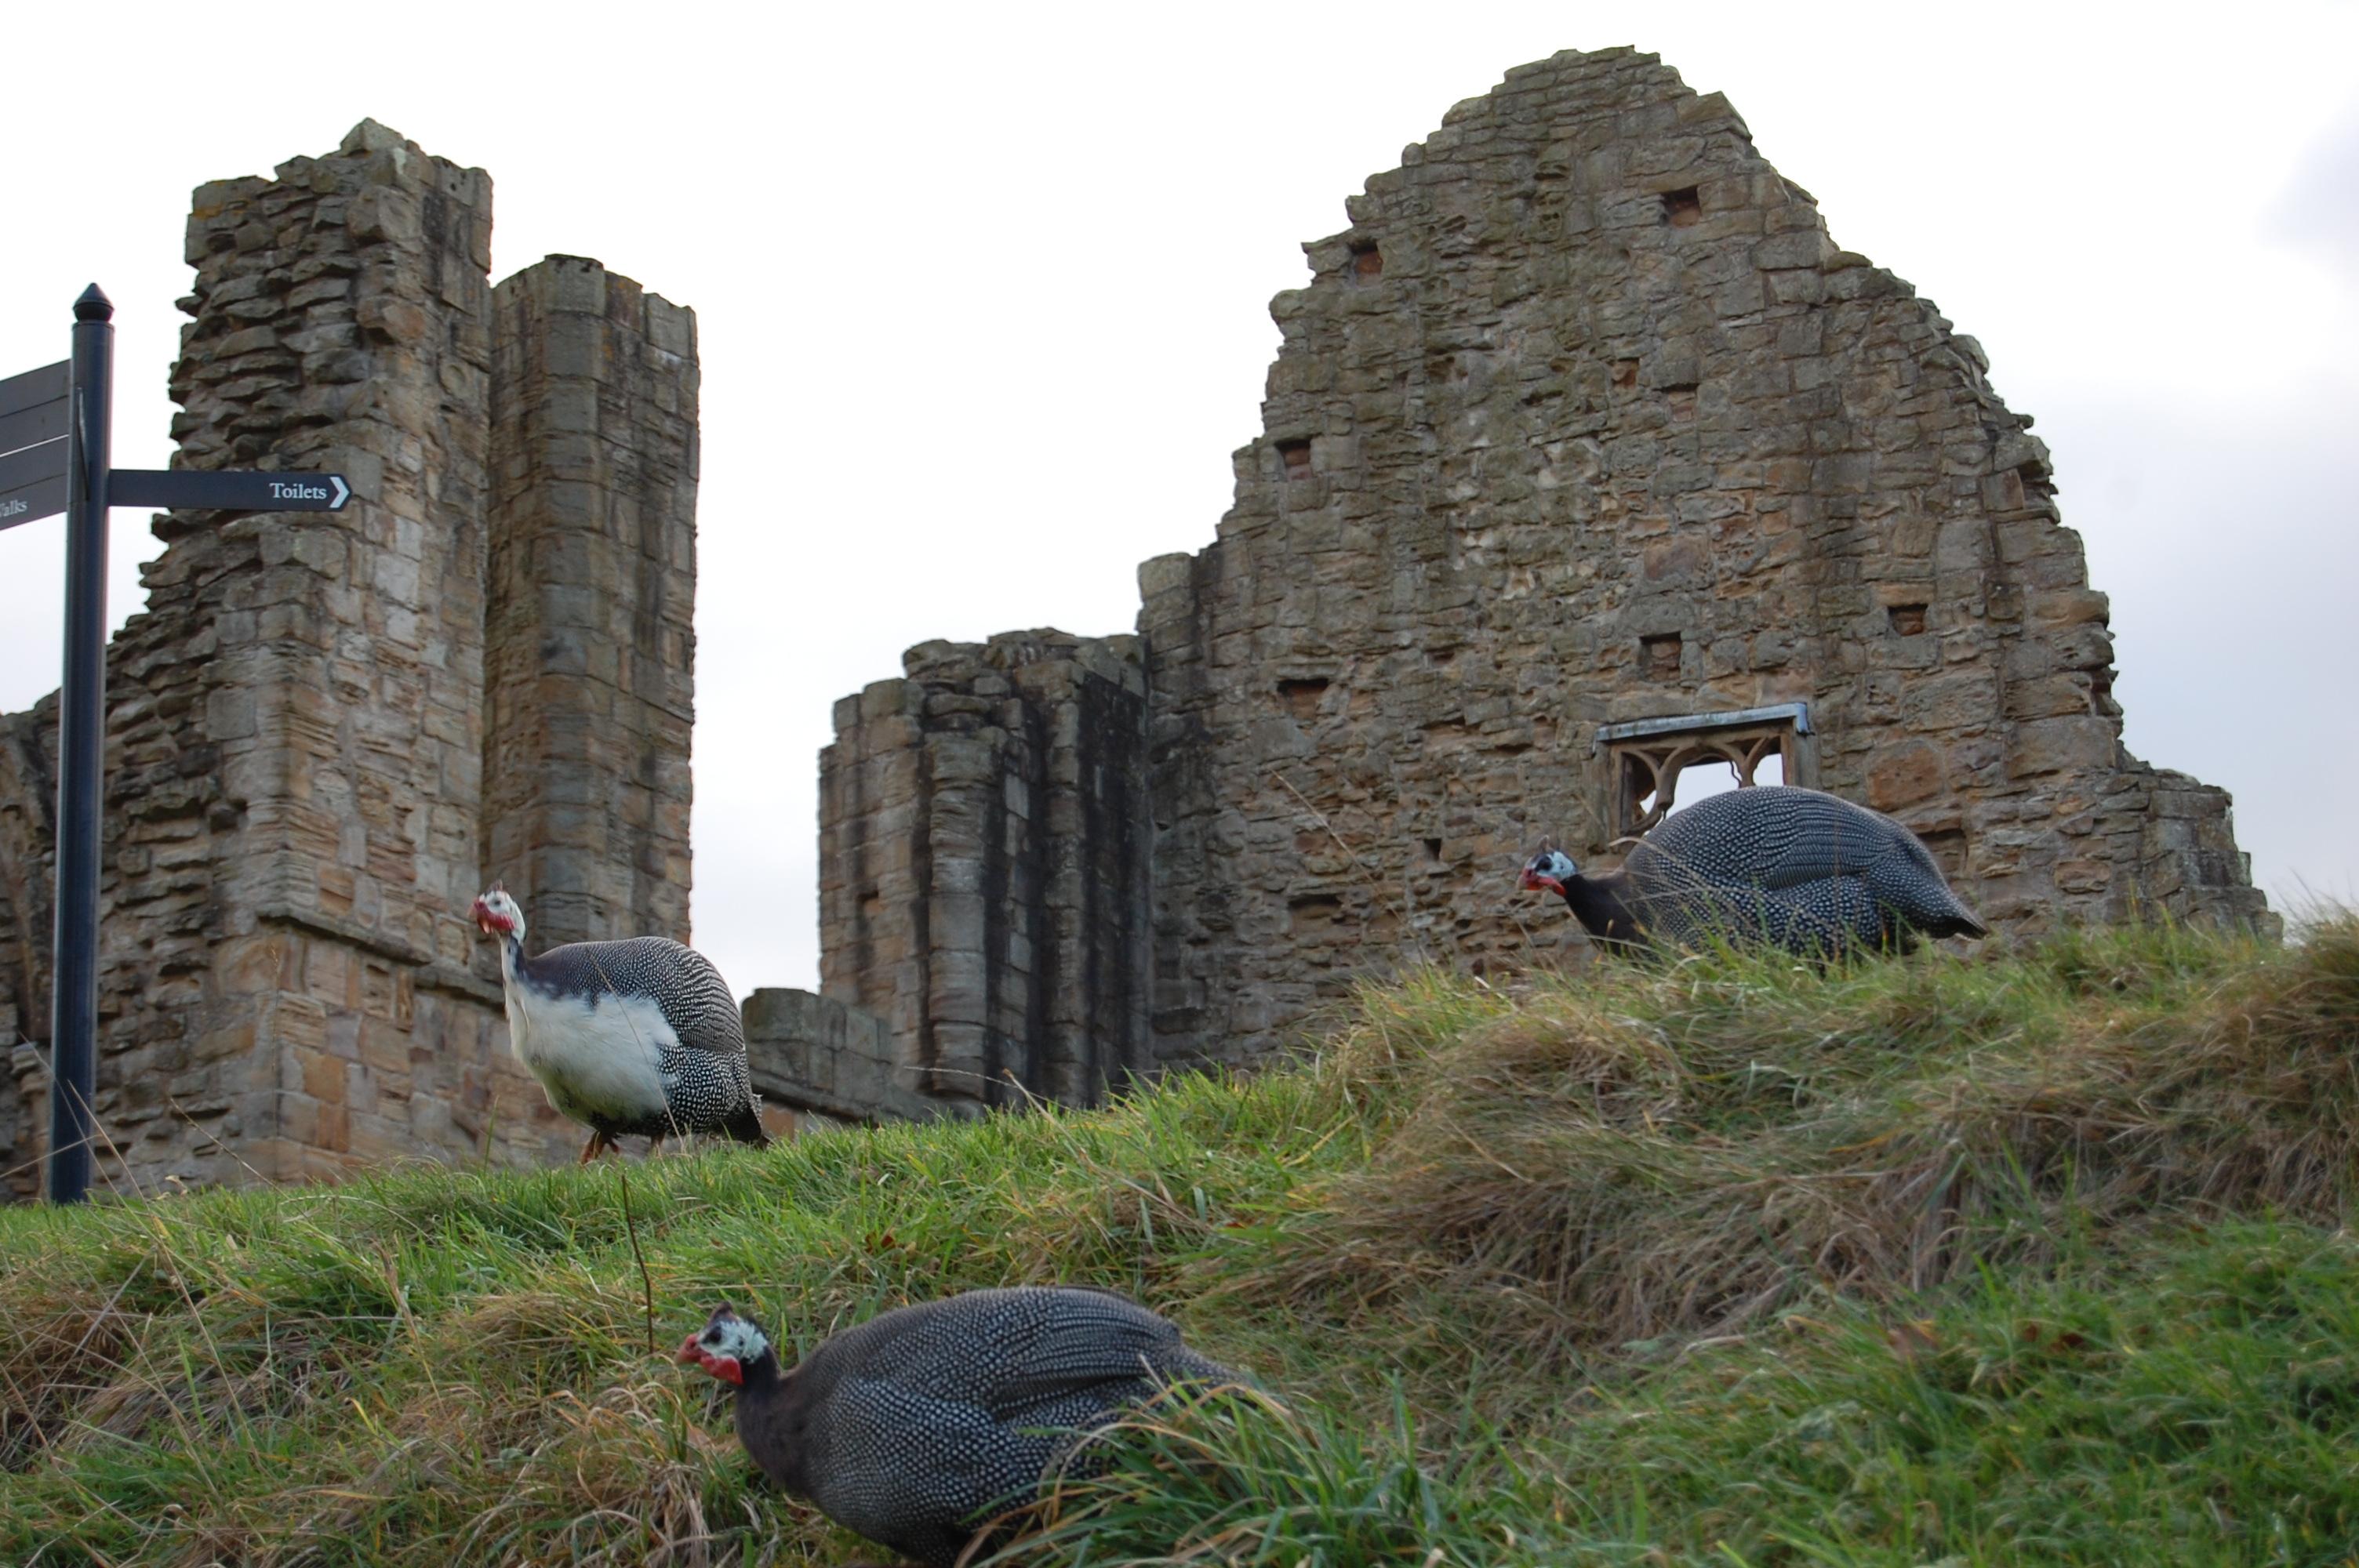 Finchael Abbey Ruins